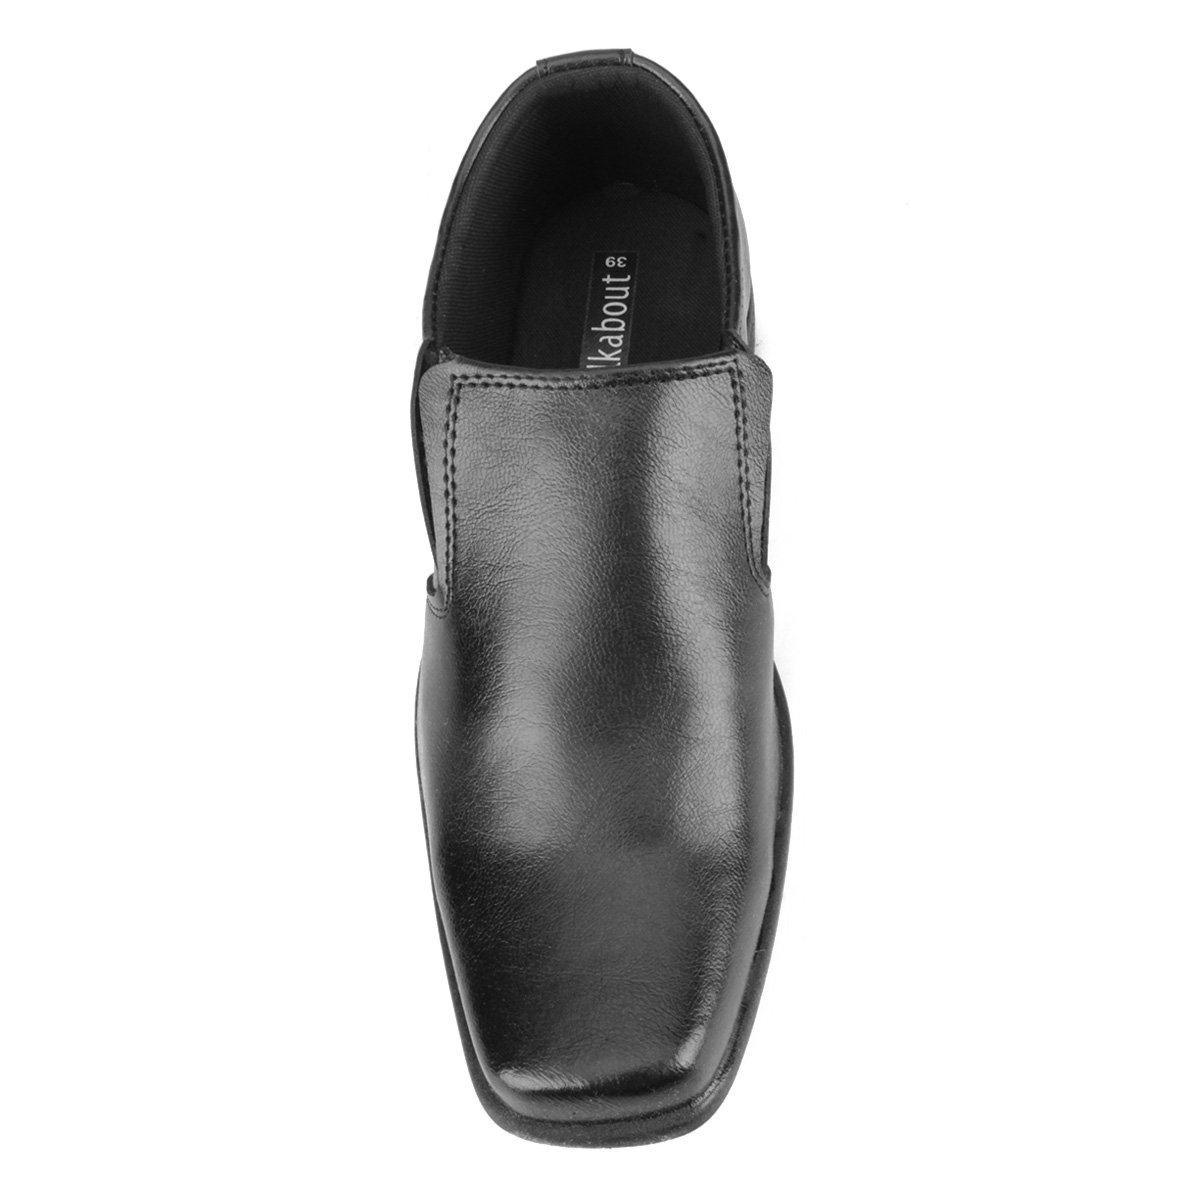 95e60953ce Sapato Social Walkabout 12